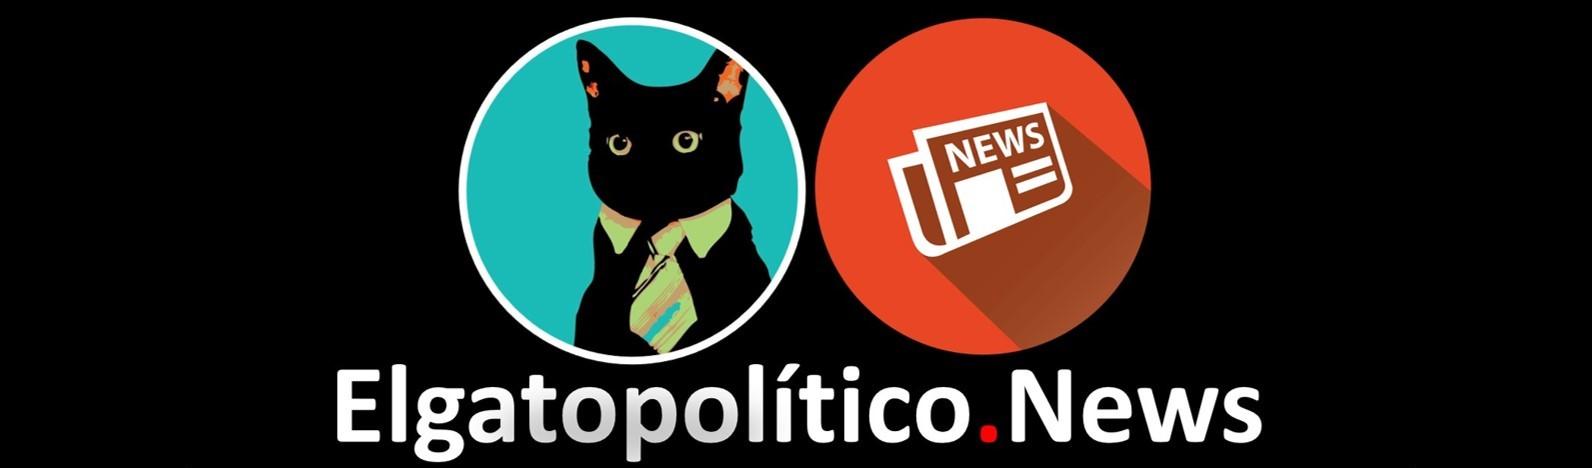 El gato político News